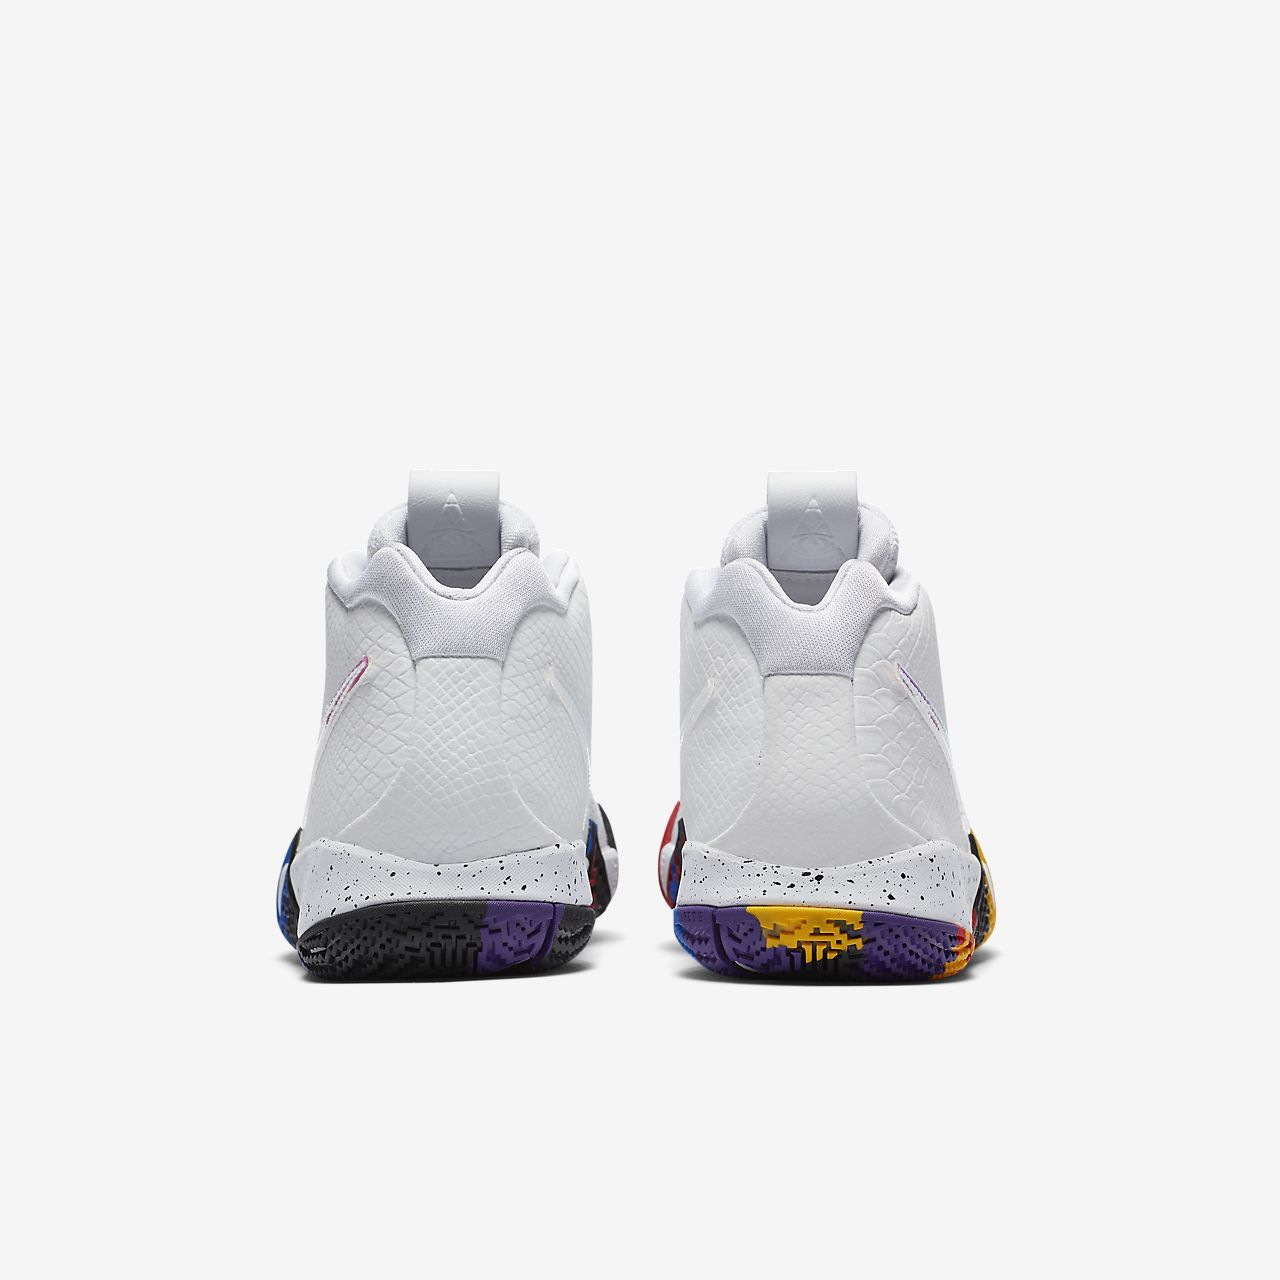 ... Kyrie 4 Big Kids' Basketball Shoe